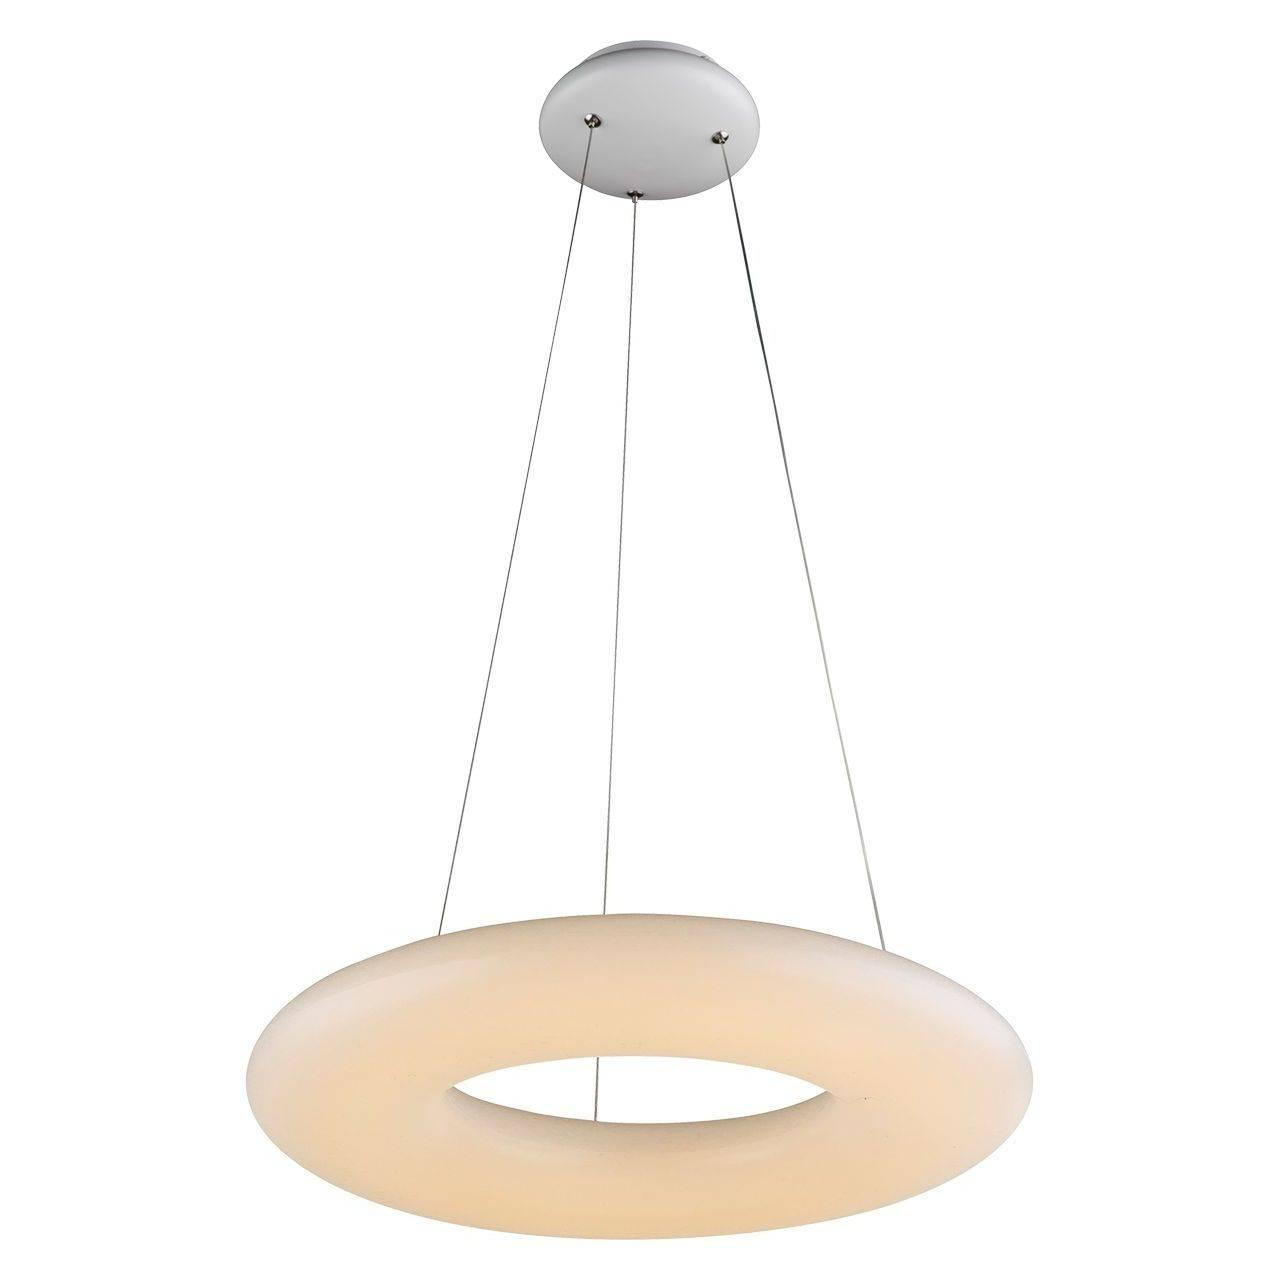 Подвесной светодиодный светильник Globo Quentin 42506-24H 60 24h